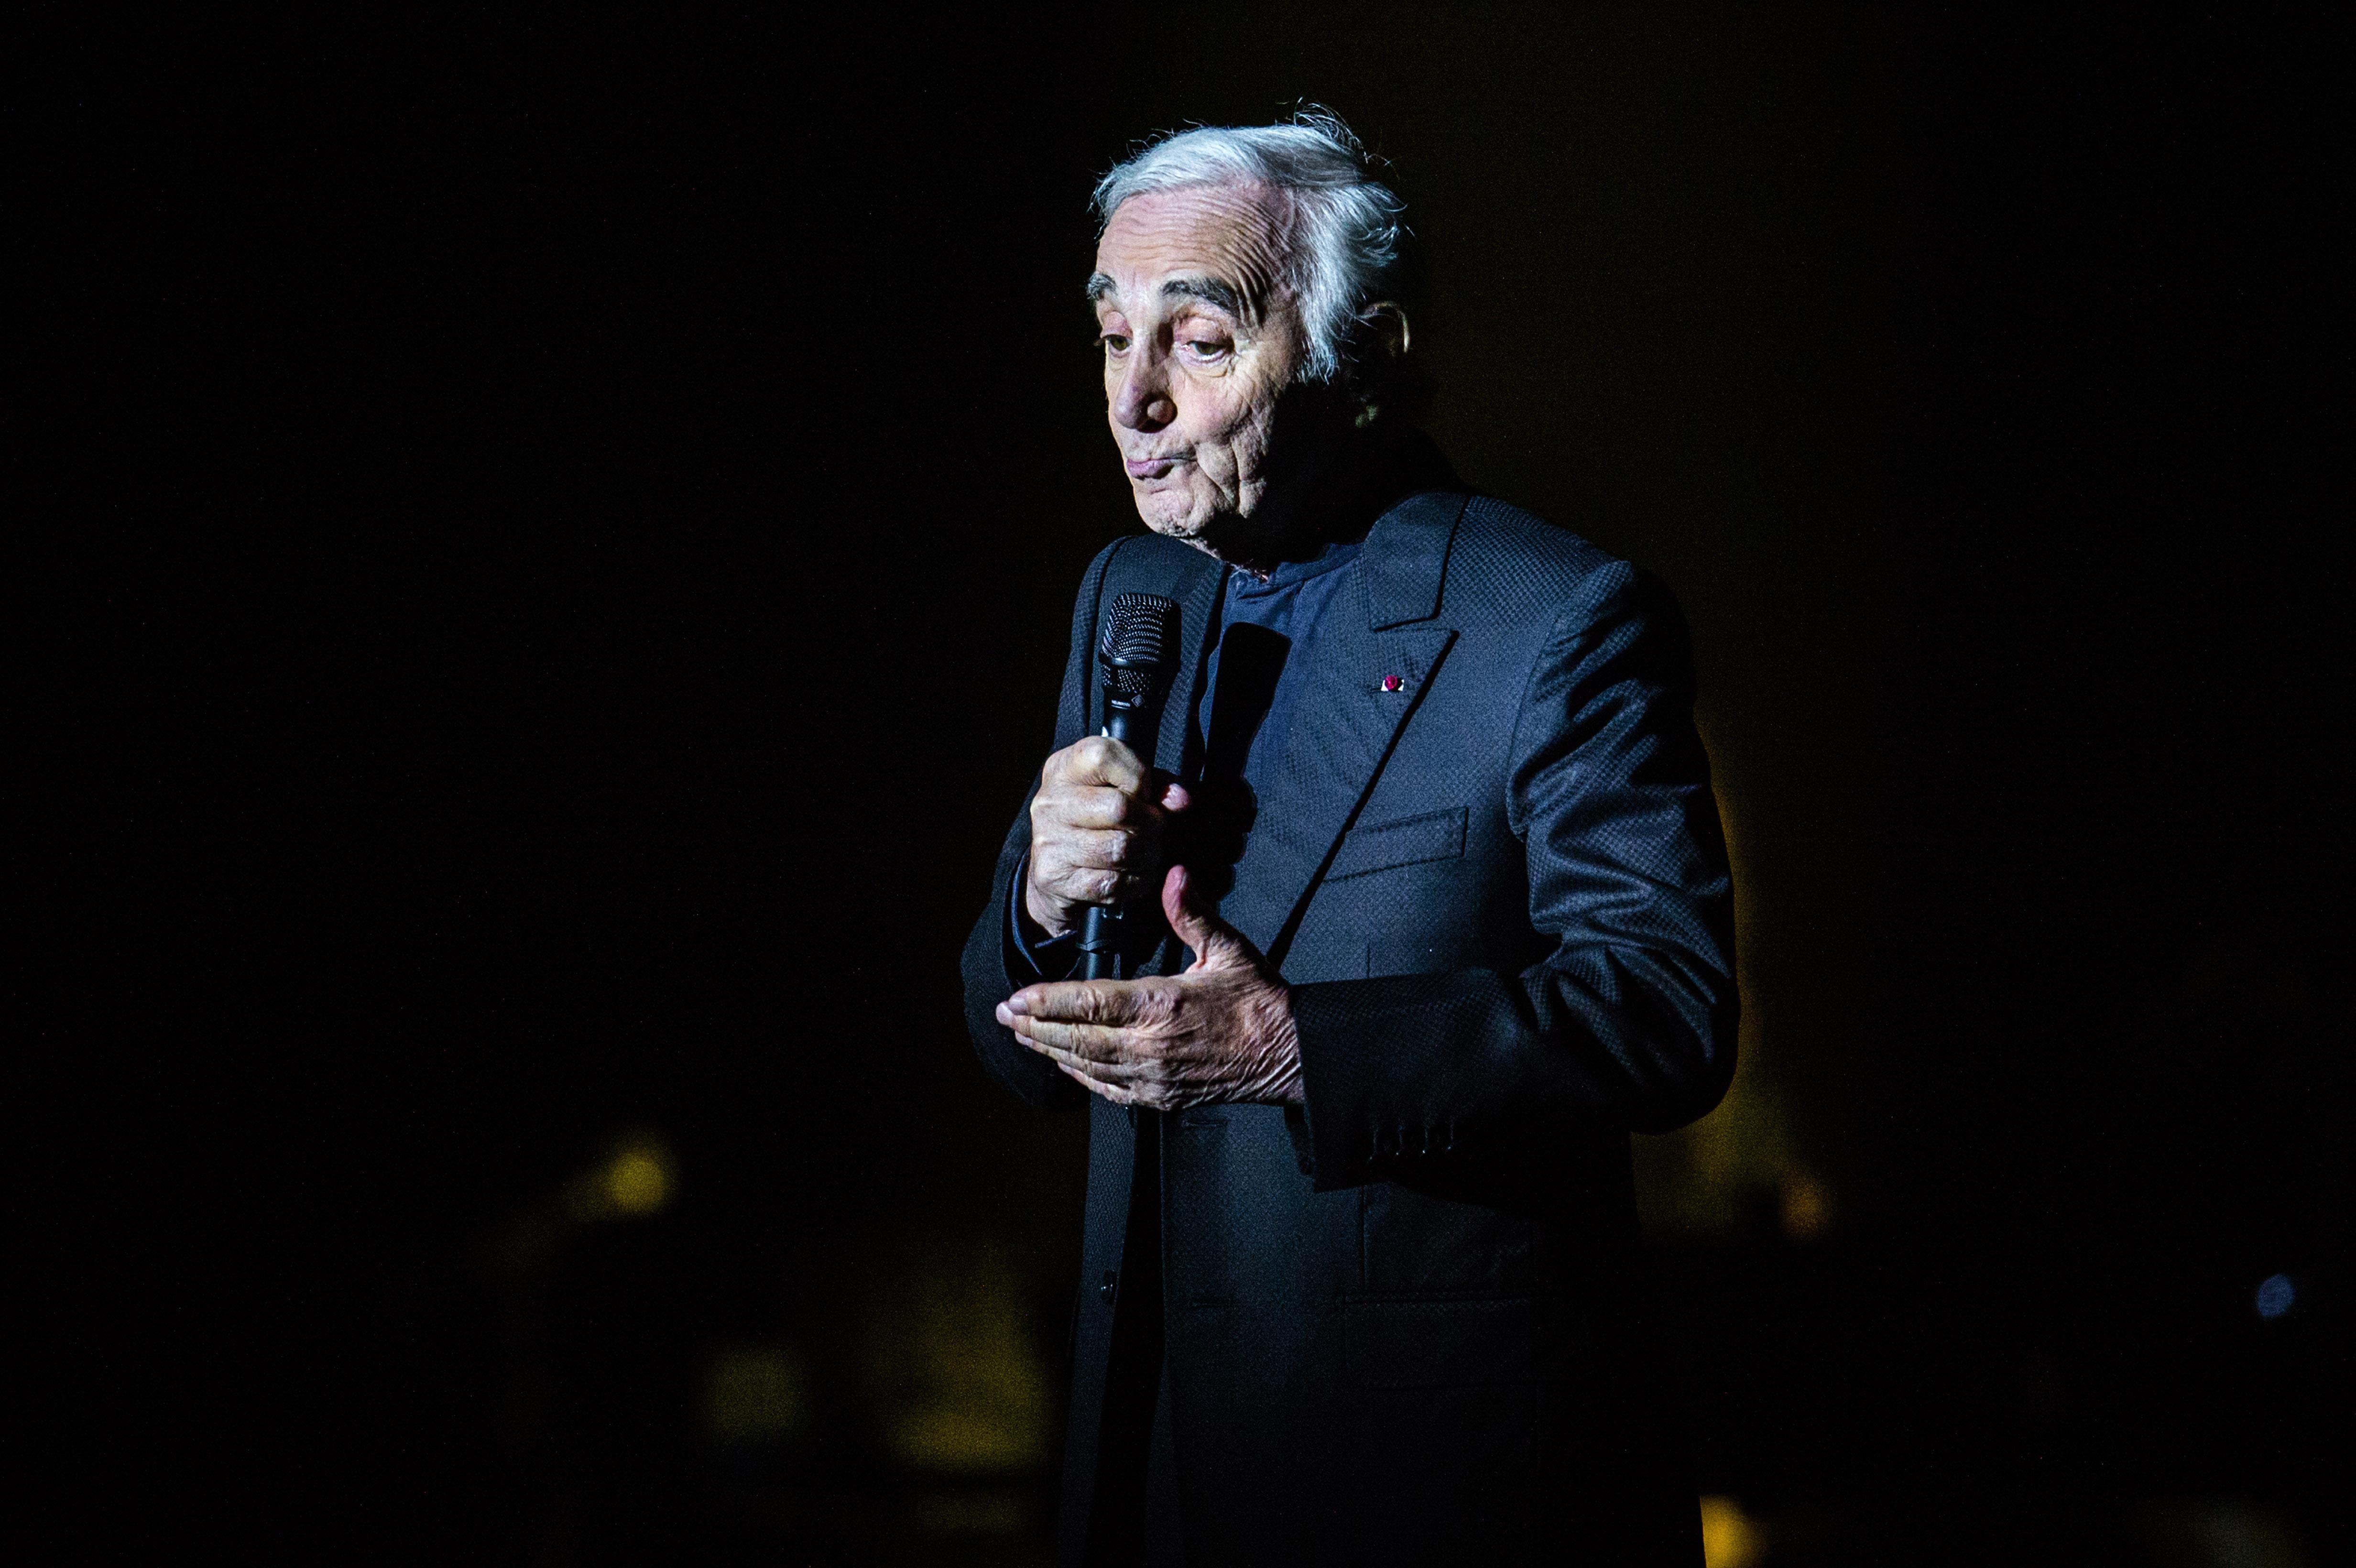 Publieke omroep eert overleden Charles Aznavour